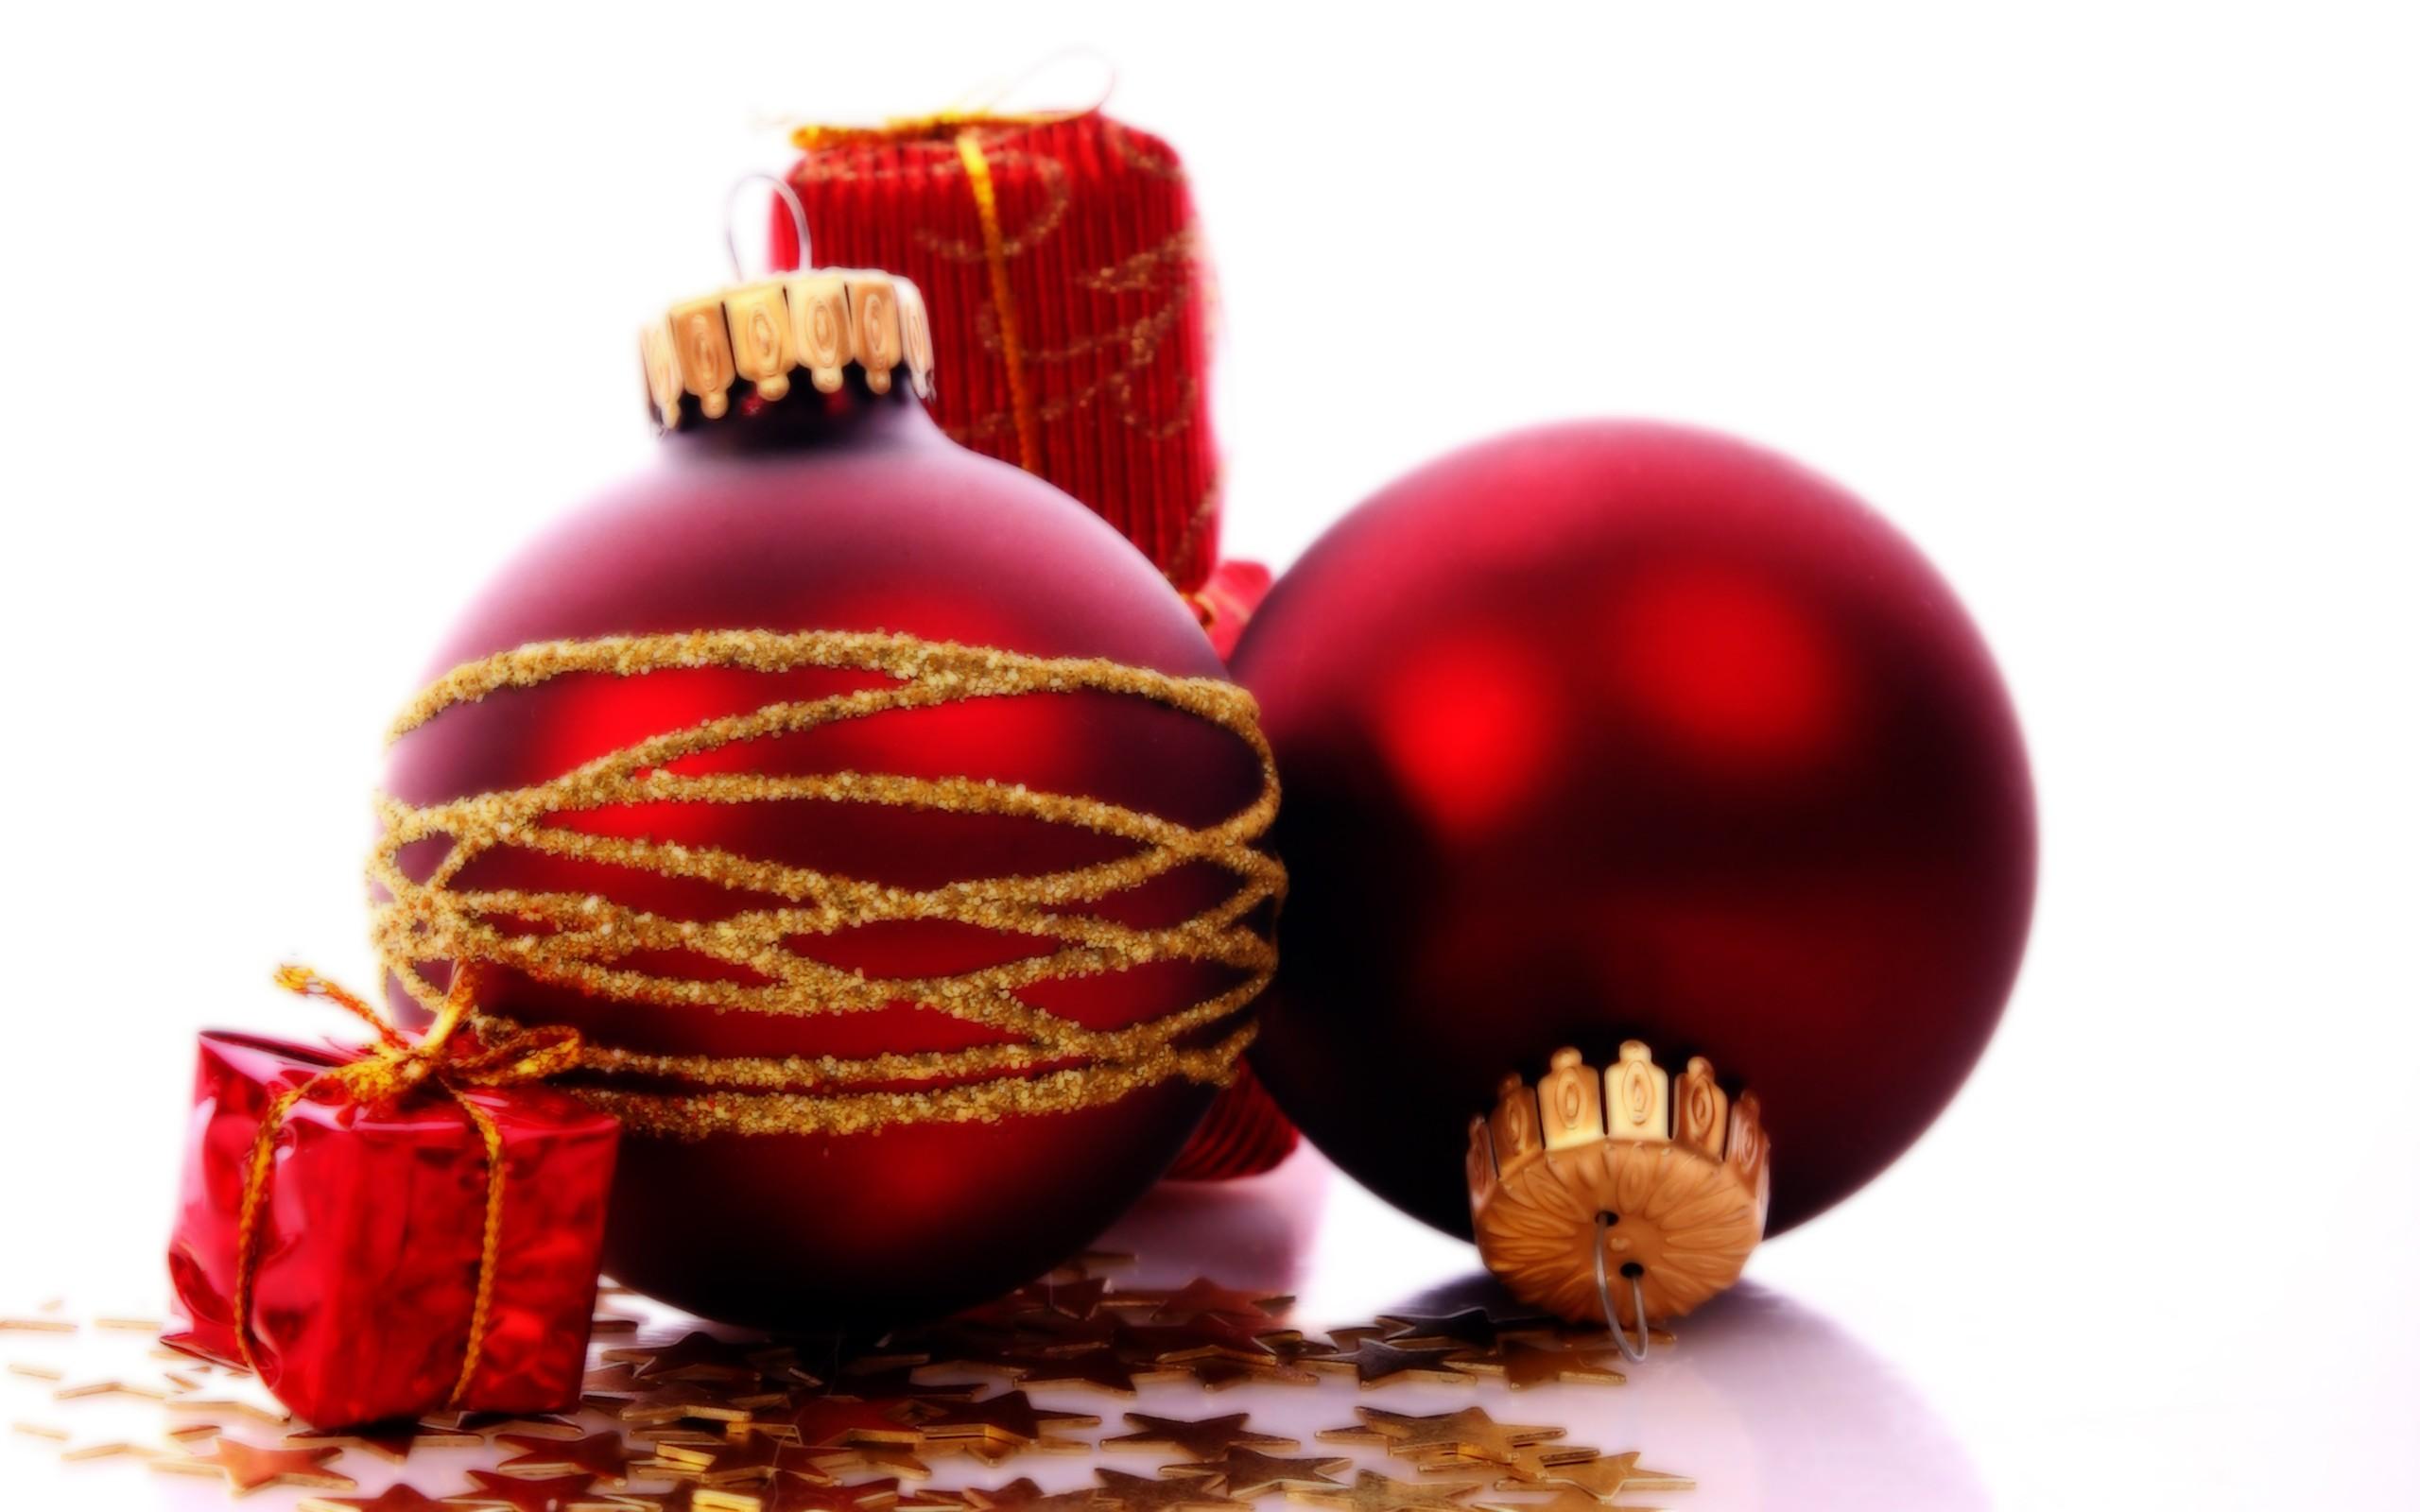 Hintergrundbilder : Lebensmittel, Schnee, Weihnachtsschmuck ...